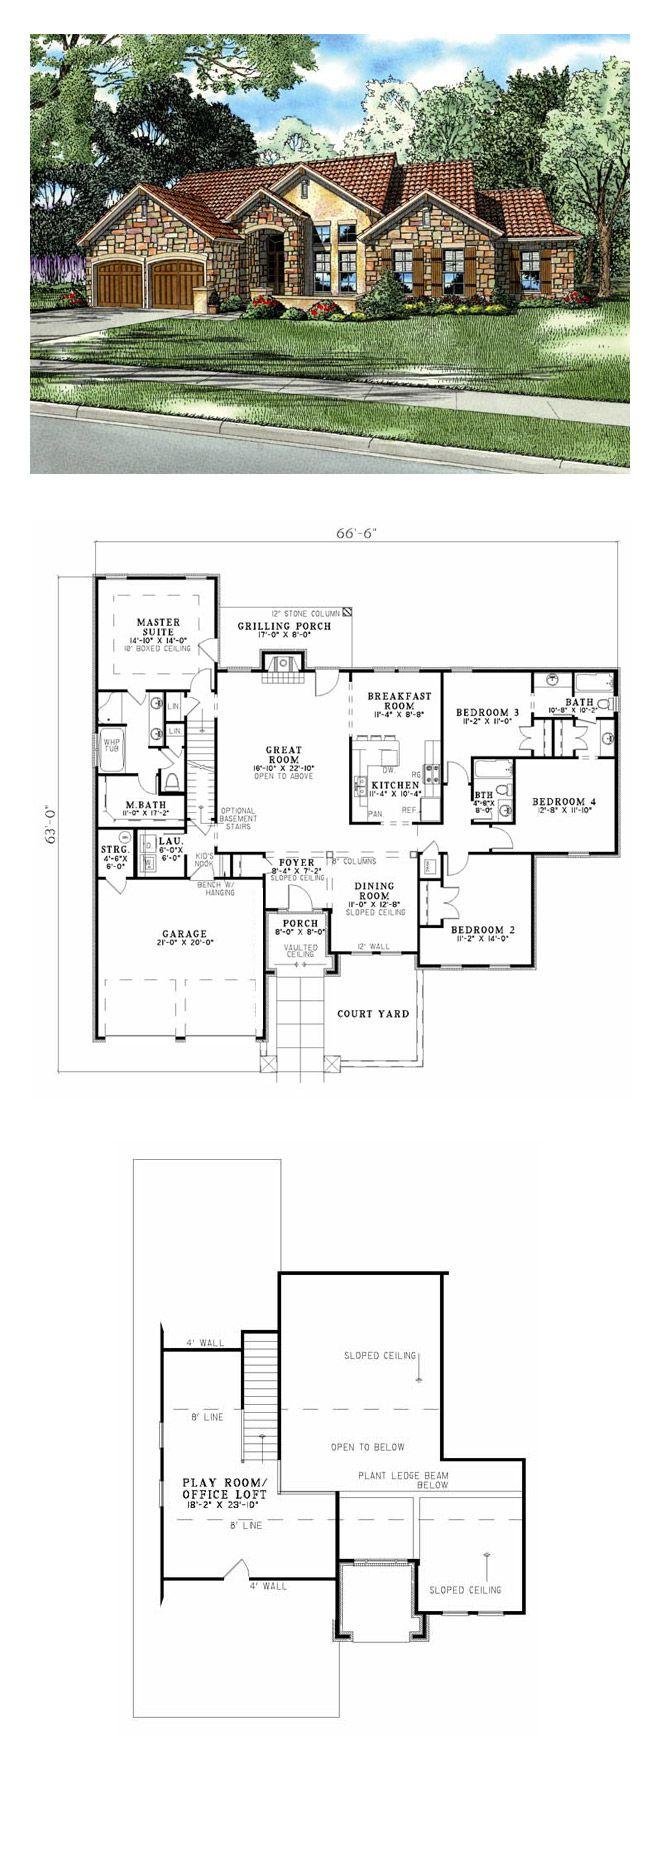 Building Floor Plans New in House Designer bedroom